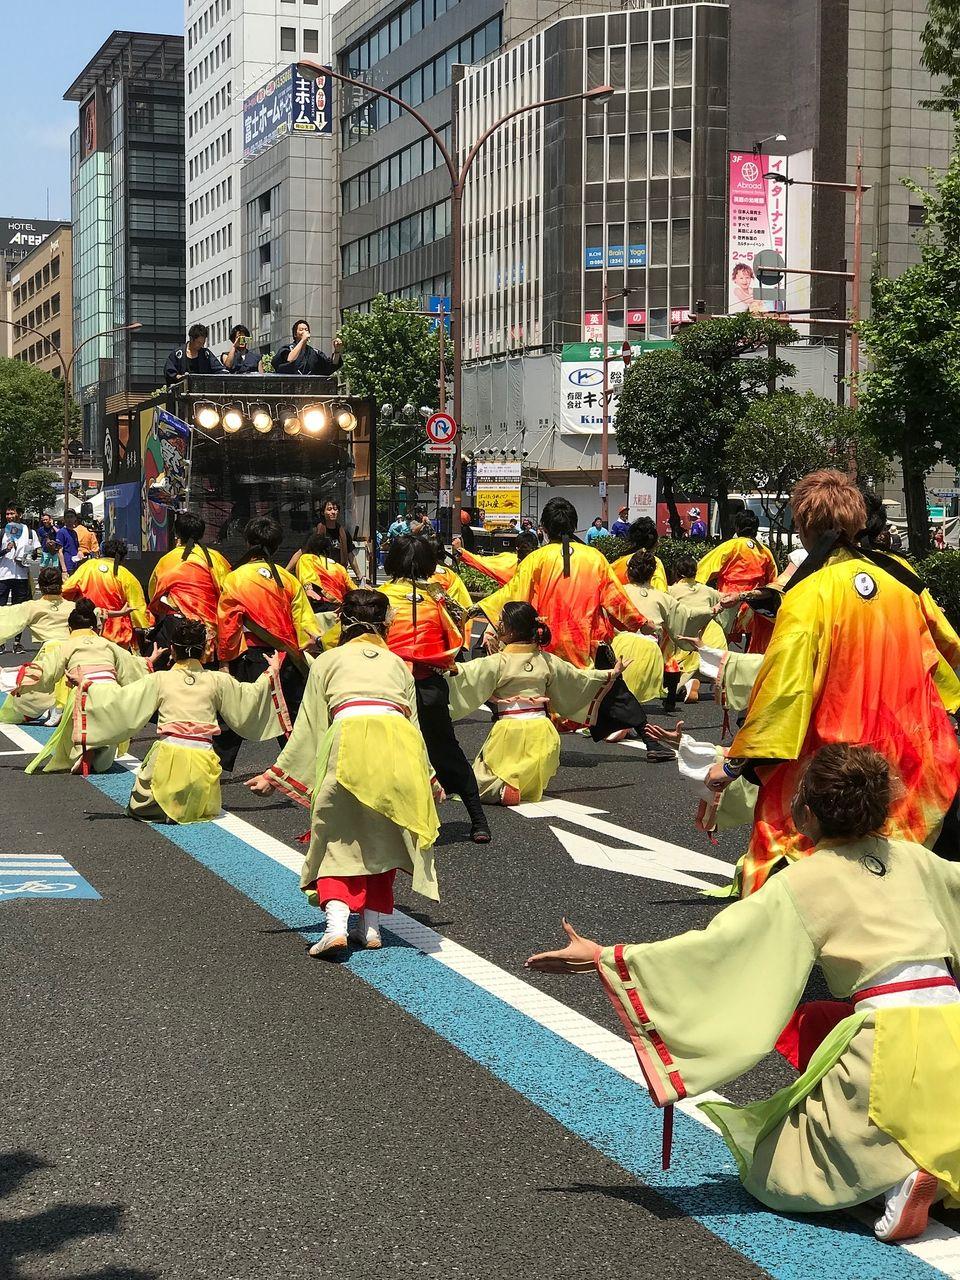 市役所筋で行われたパレード